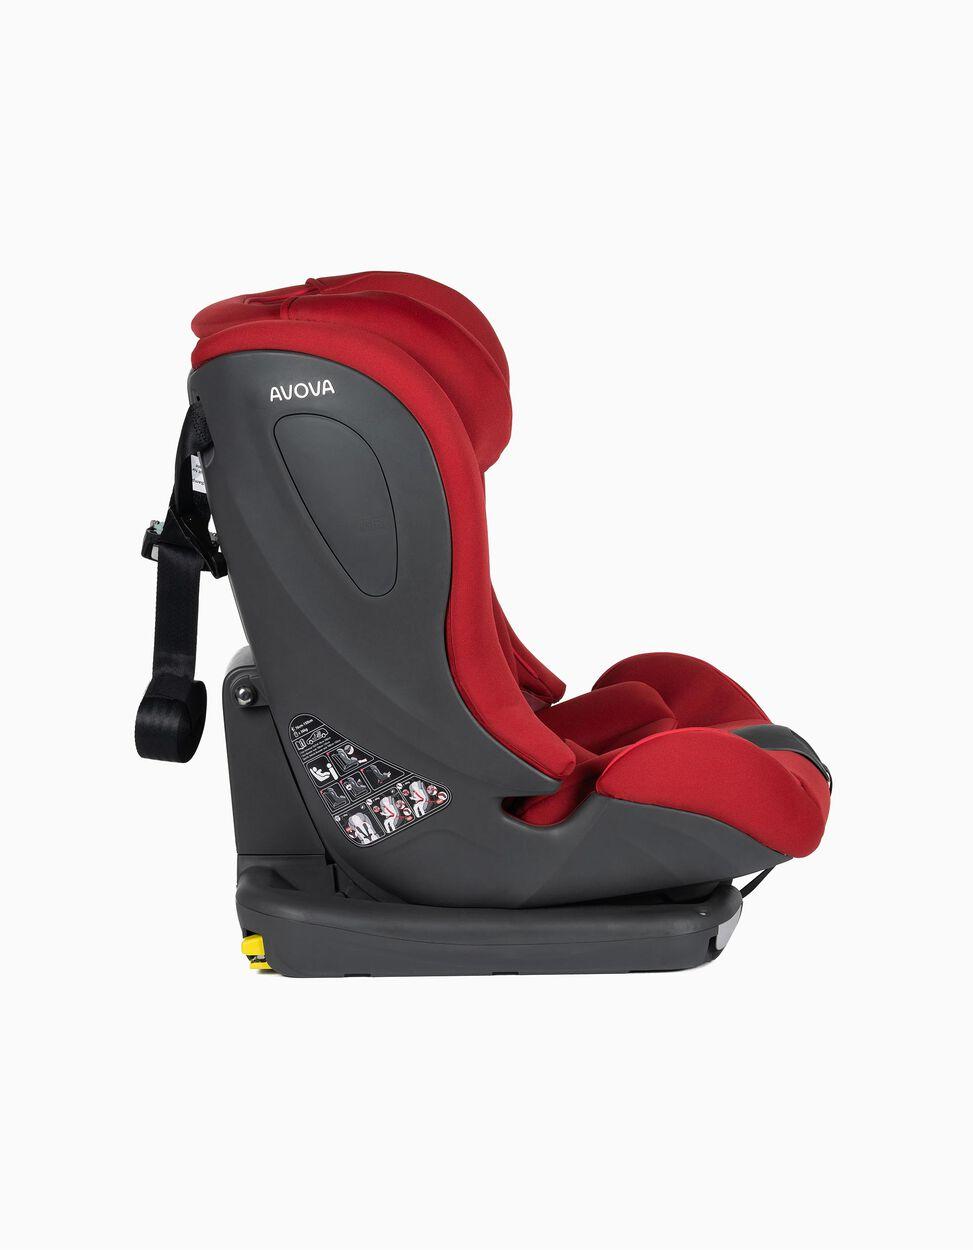 Silla para Coche I-Size Sperling Fix Avova Red